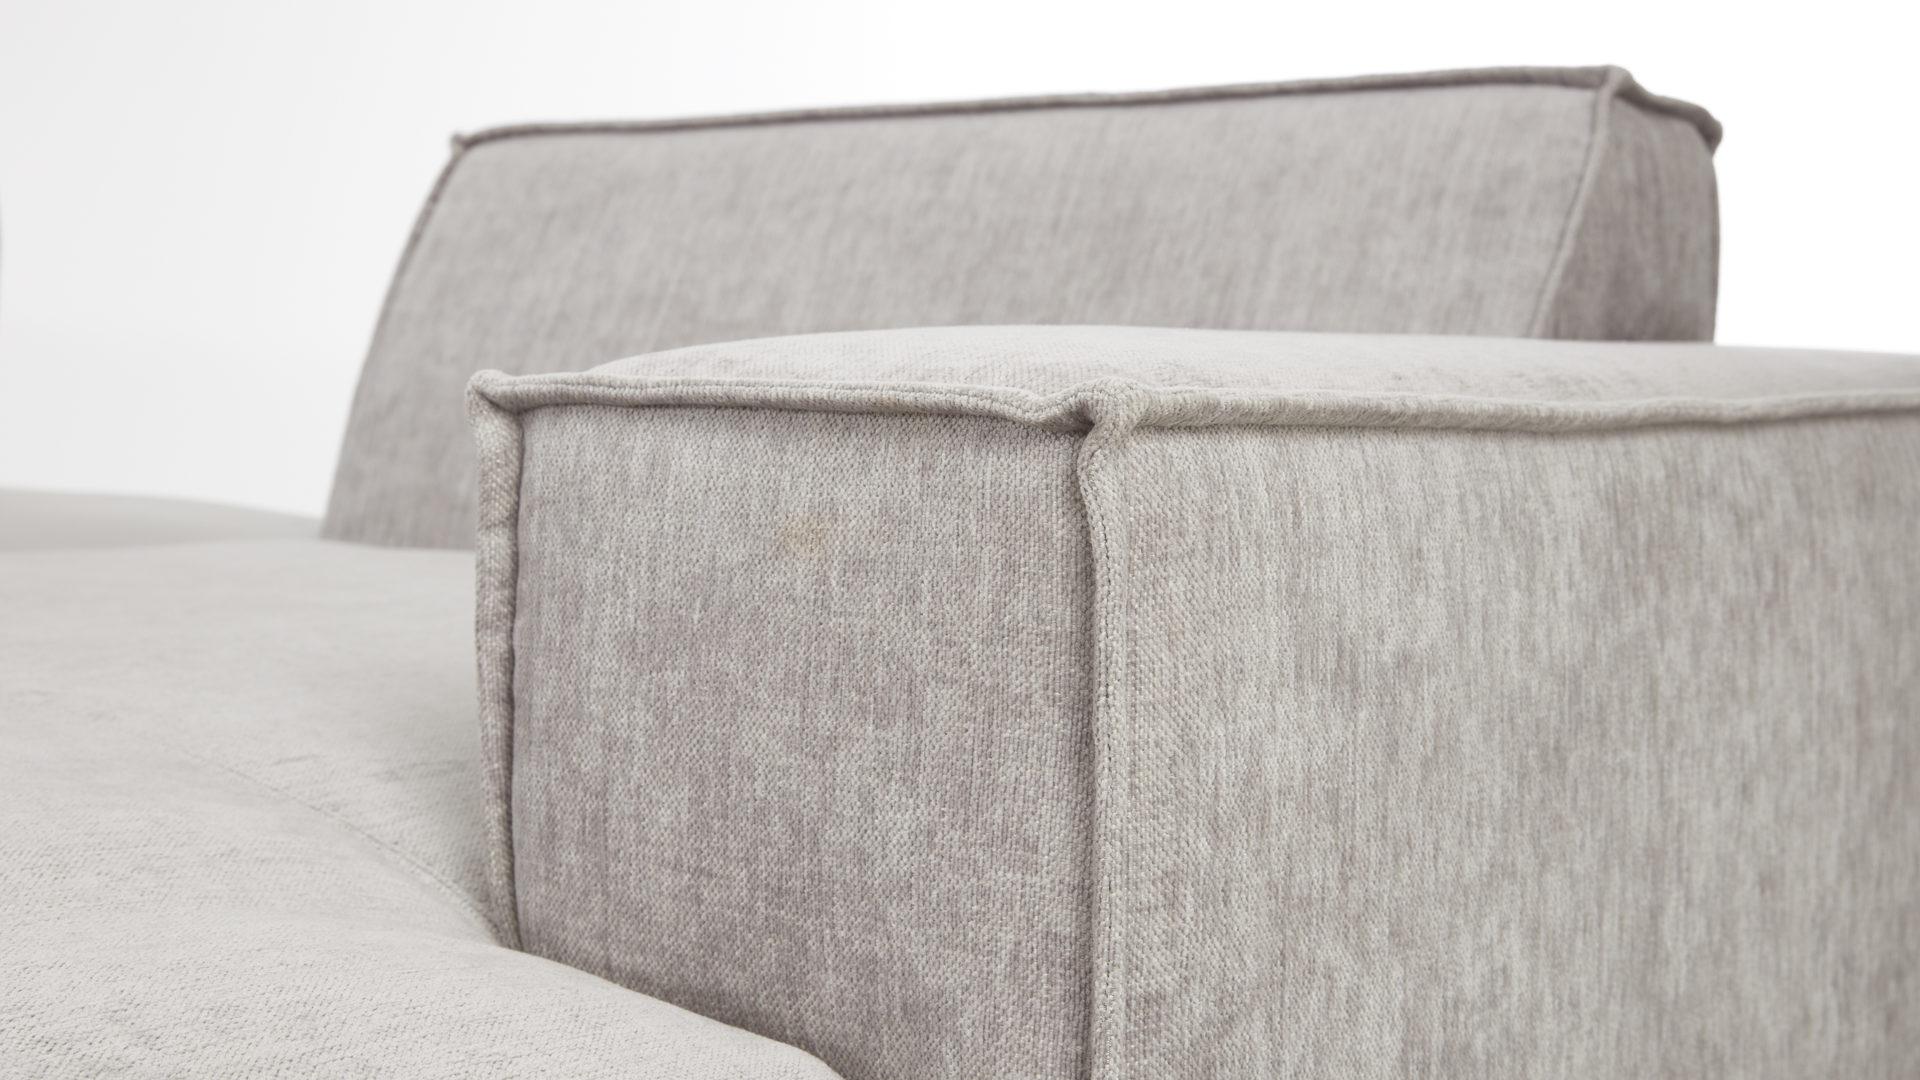 Interliving Sofa Serie 4100 Wohnlandschaft Hellgrauer Stoffbezug